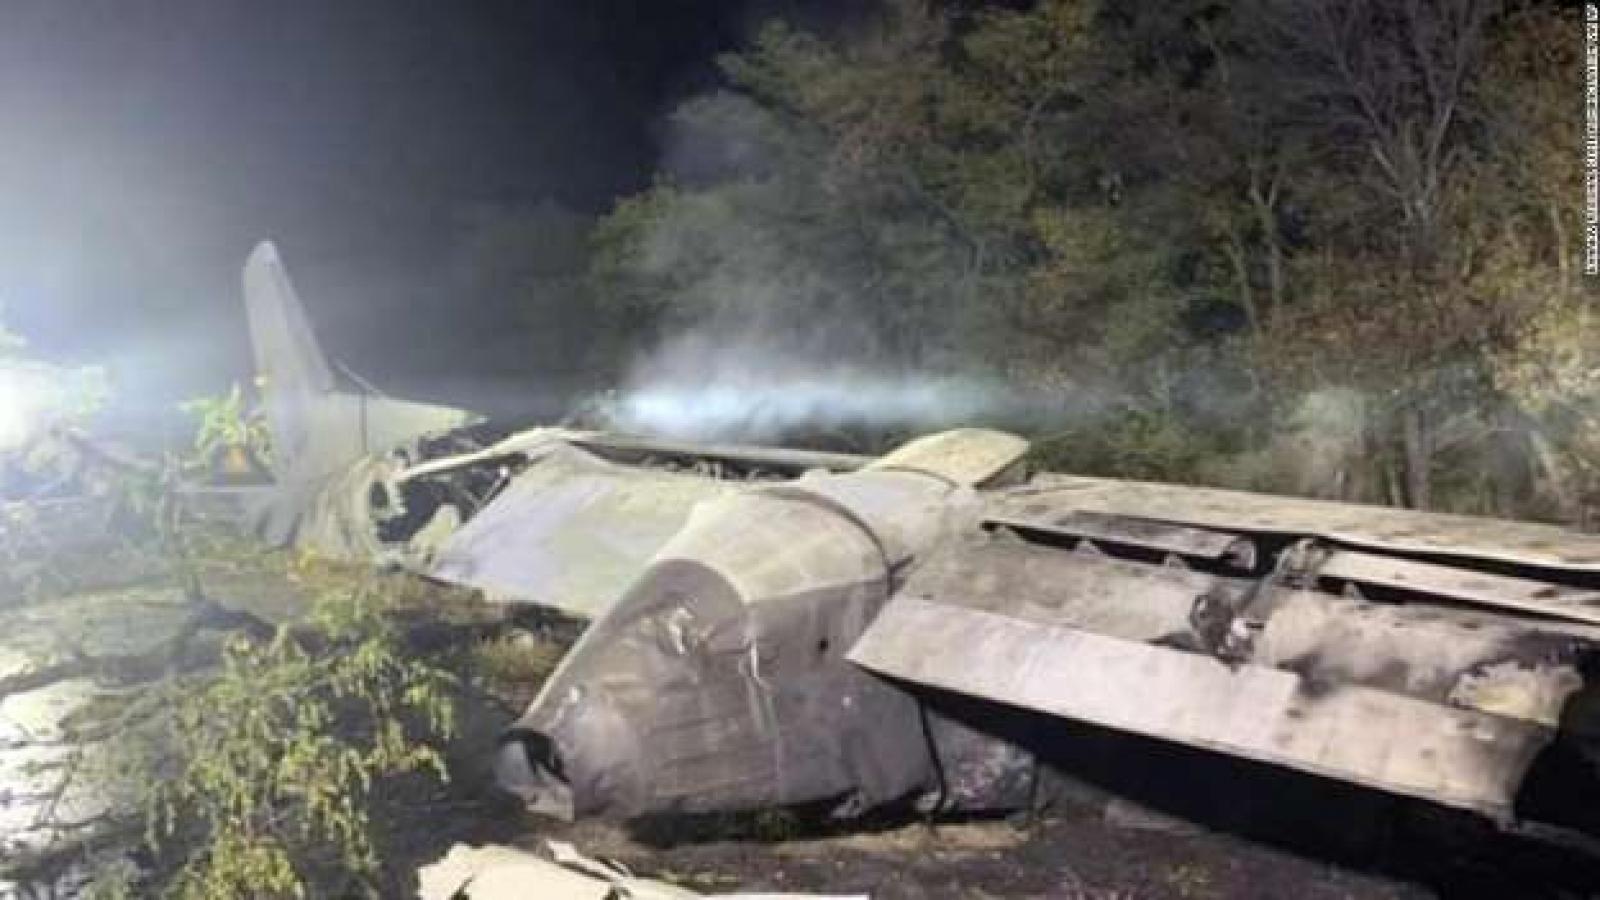 Cập nhật vụ tai nạn máy bay ở Ukraine: Số người chết đã tăng lên 25